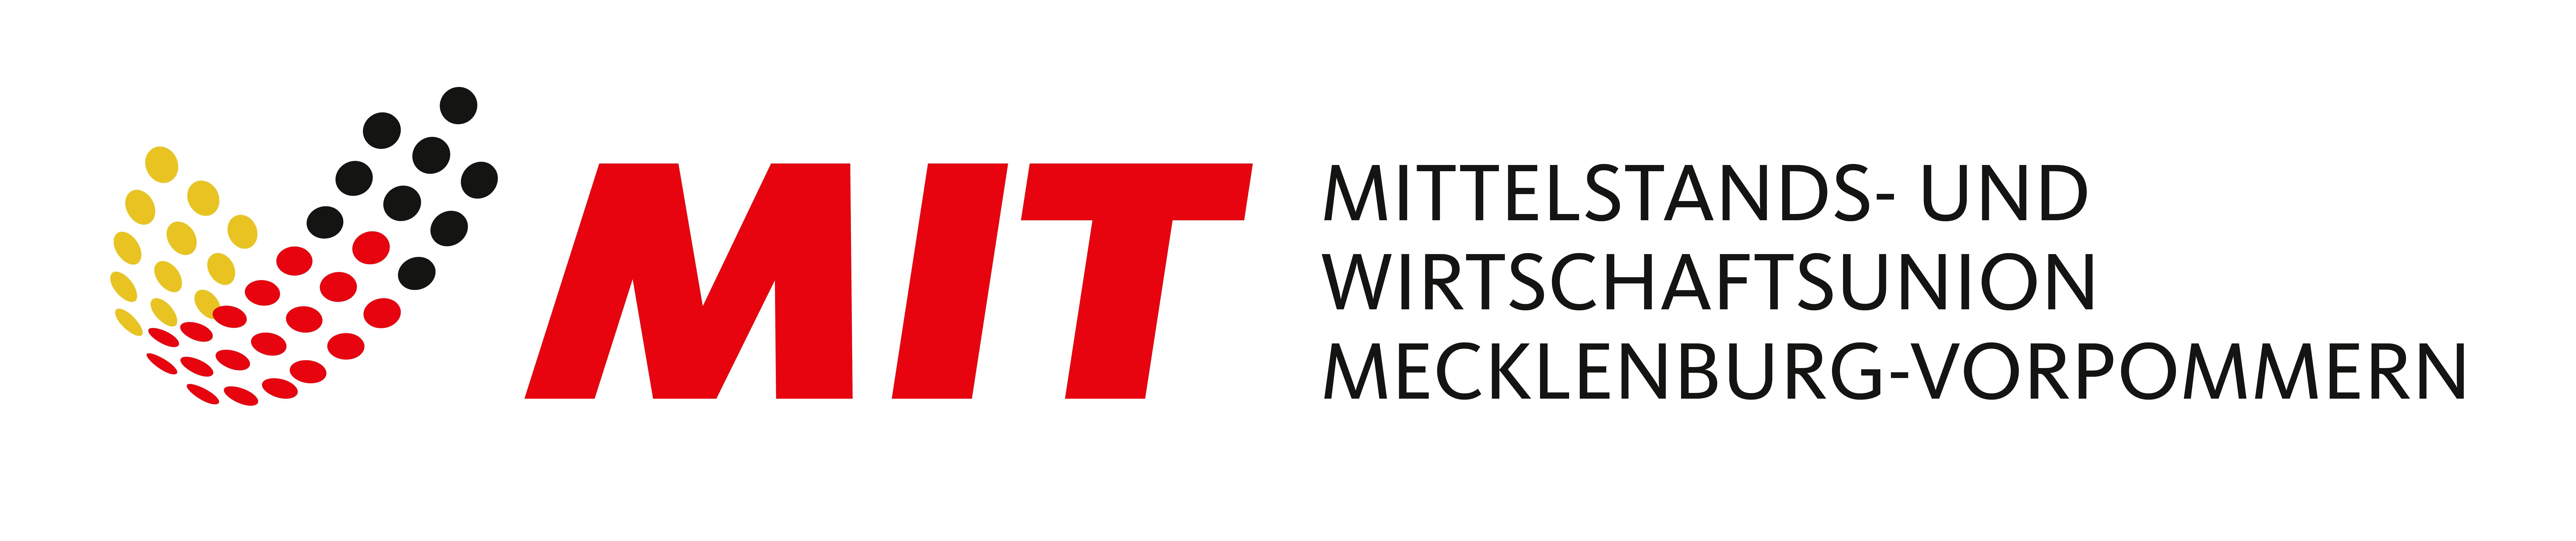 Logo der Mittelstands- und Wirtschaftsunion MV